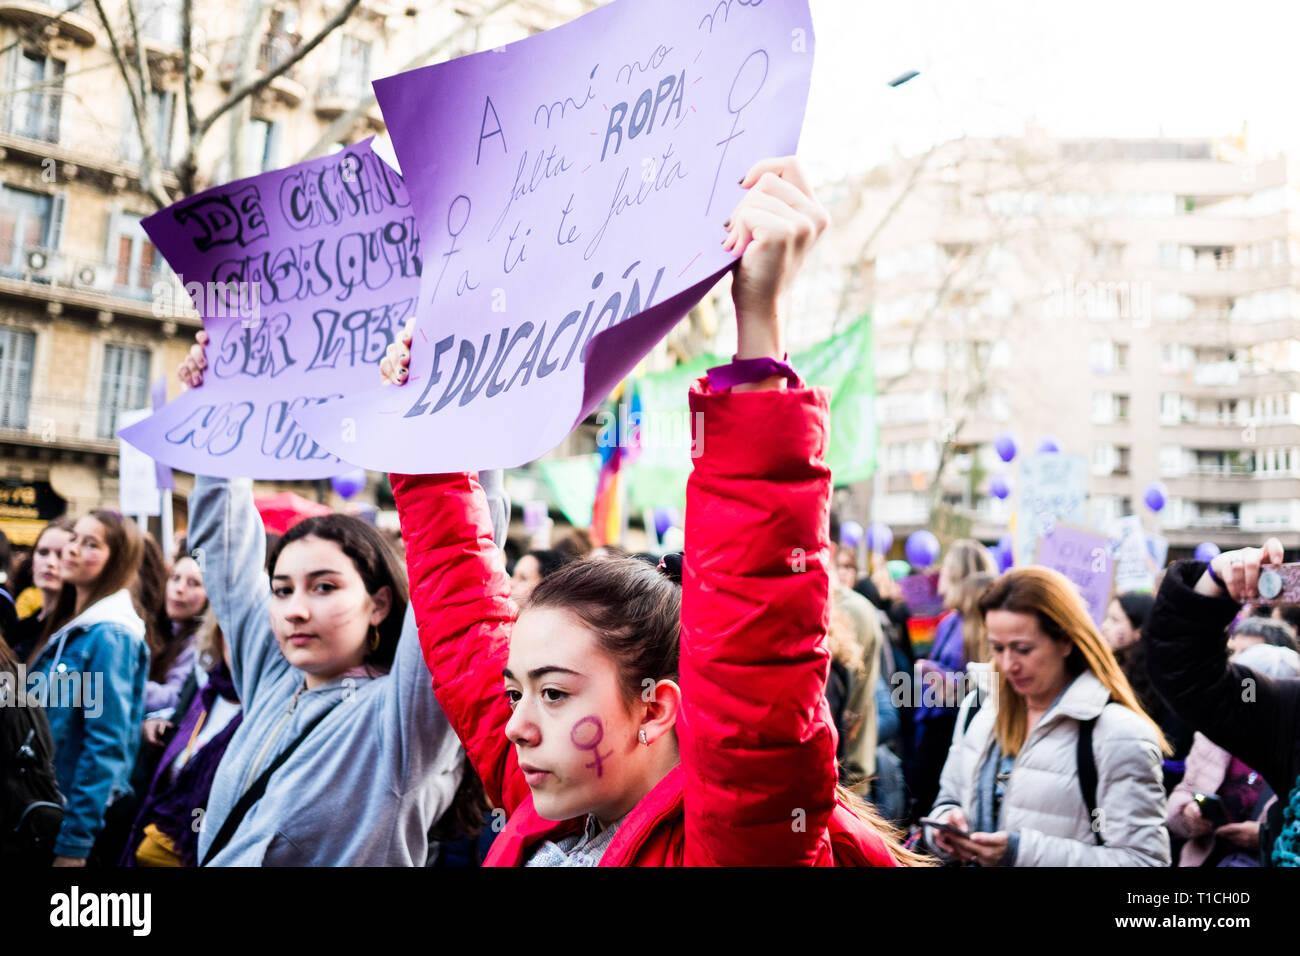 Barcelona, España - 8 de marzo de 2019: las niñas manifestación en el centro de la ciudad durante el día de la mujer para mejorar los derechos humanos de las mujeres y el feminismo Foto de stock